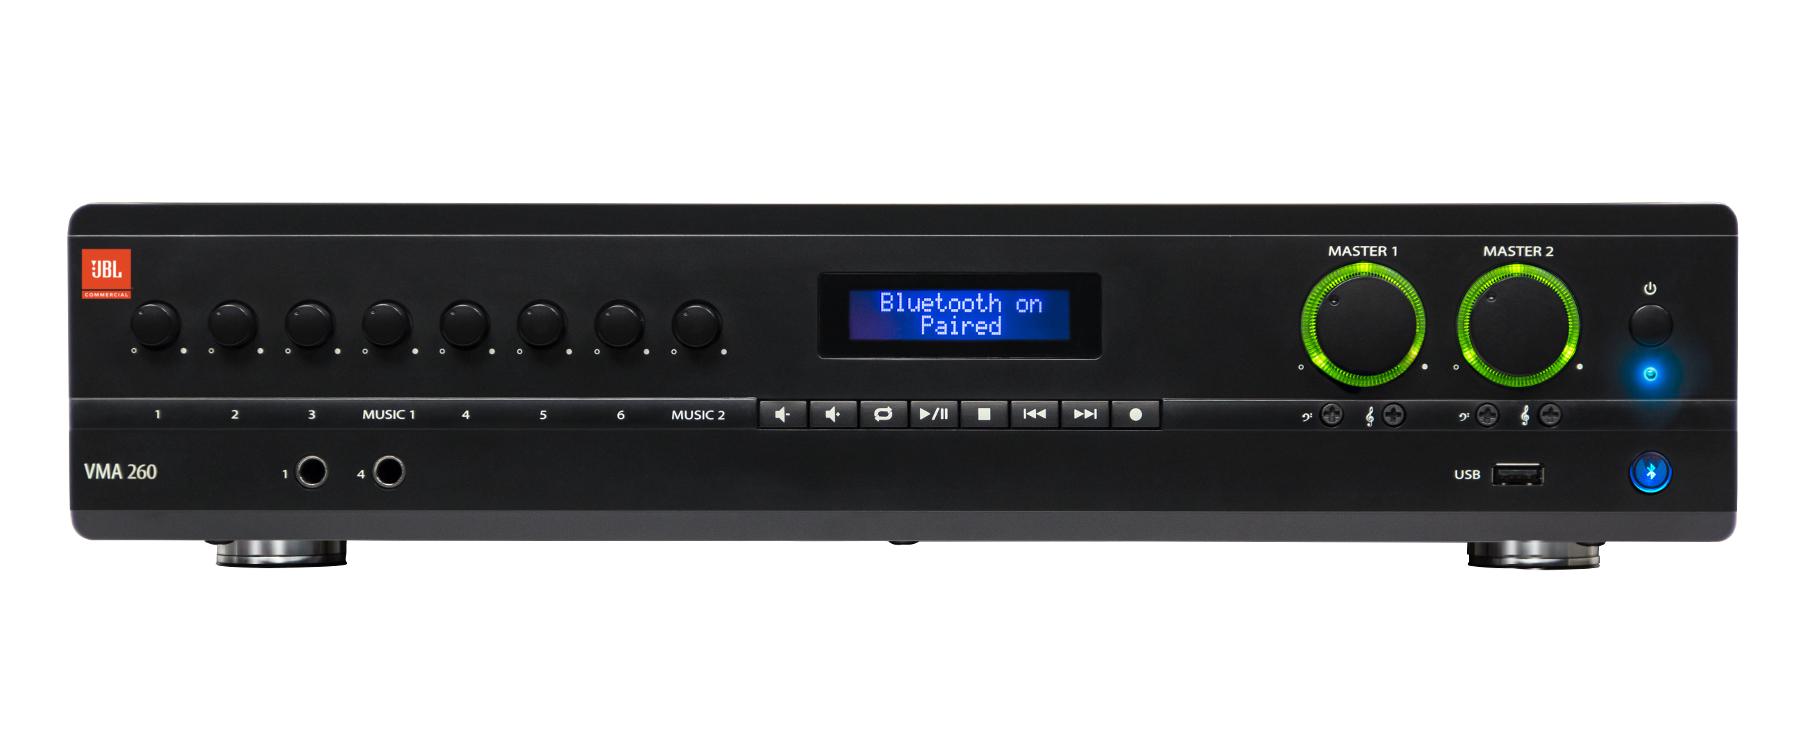 Mixer/Amplifier 8 Input x 2 60-Watt Output